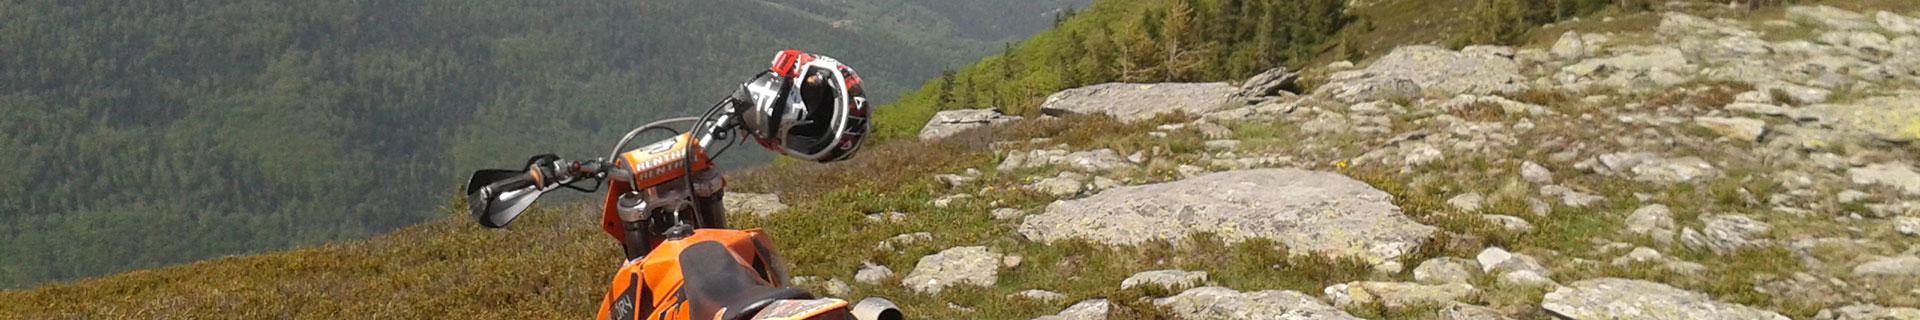 enduroreise-bosnien-motorrad-tour-slider-03